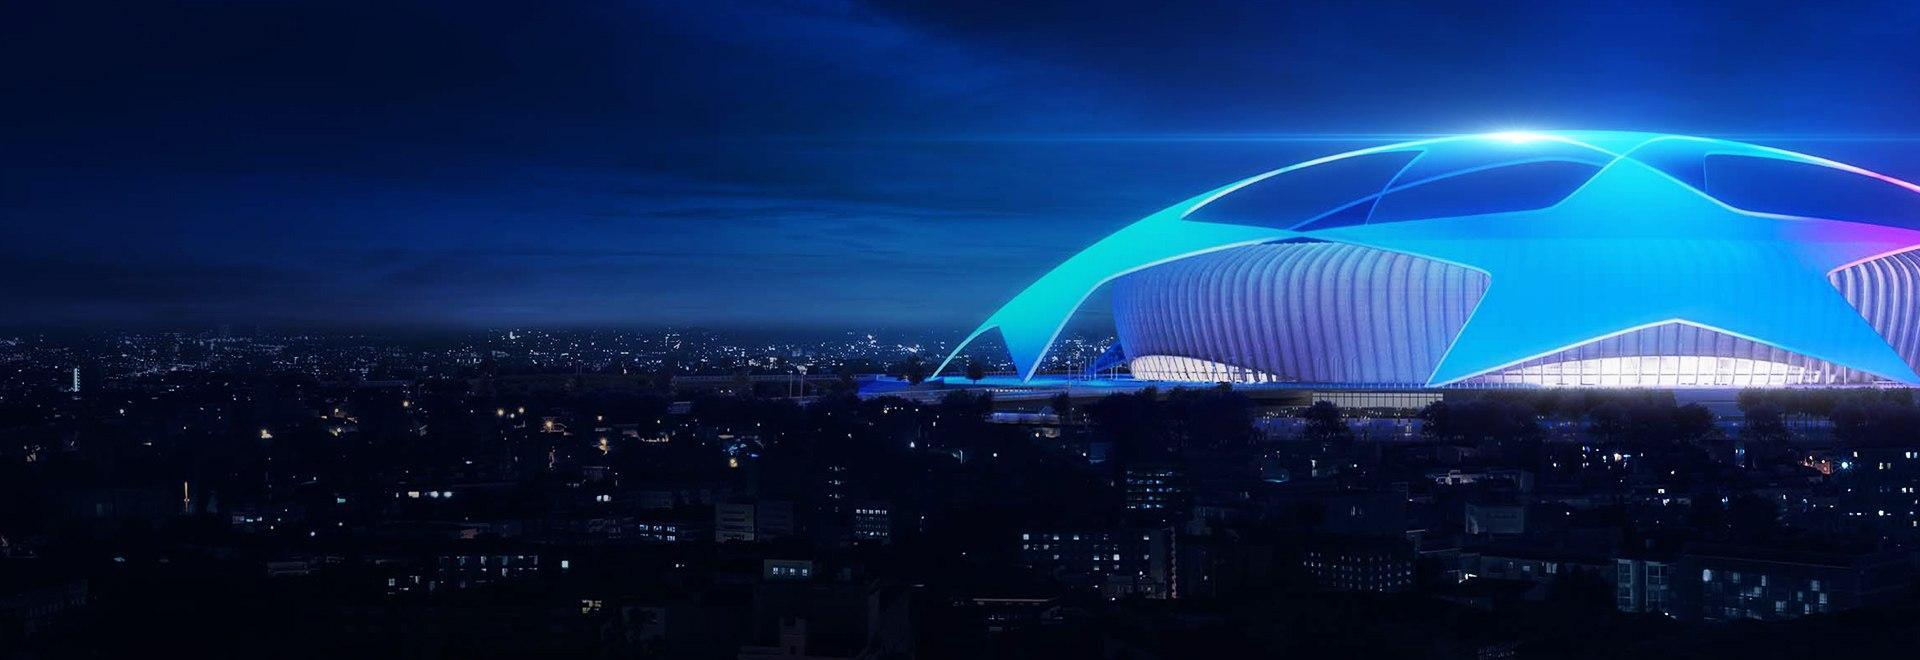 Paris - Manchester City